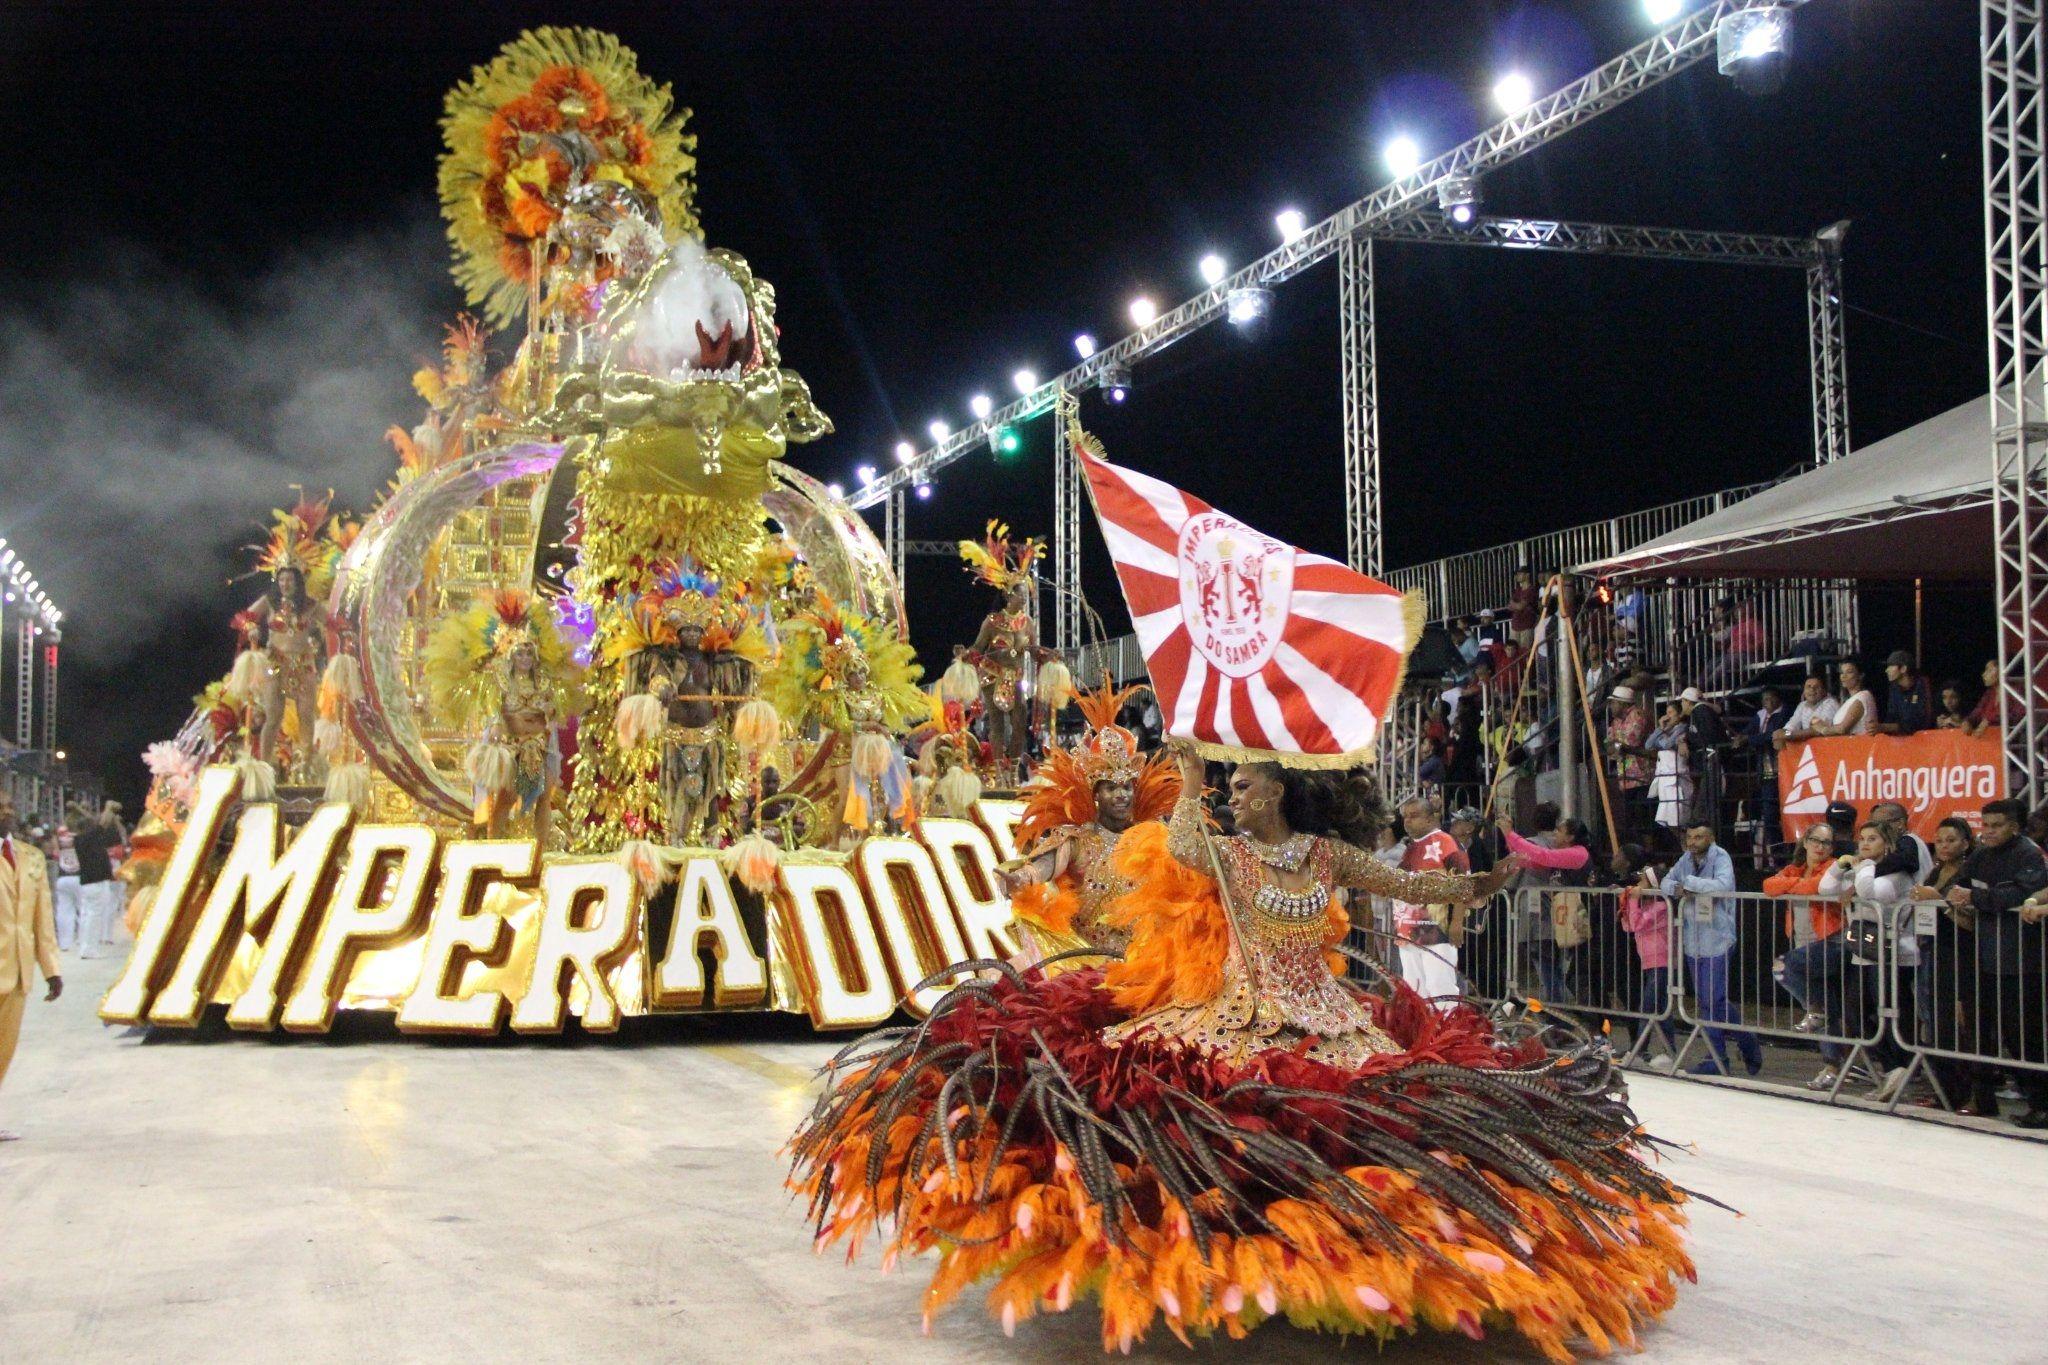 Carnaval de Porto Alegre já tem data definida para 2018